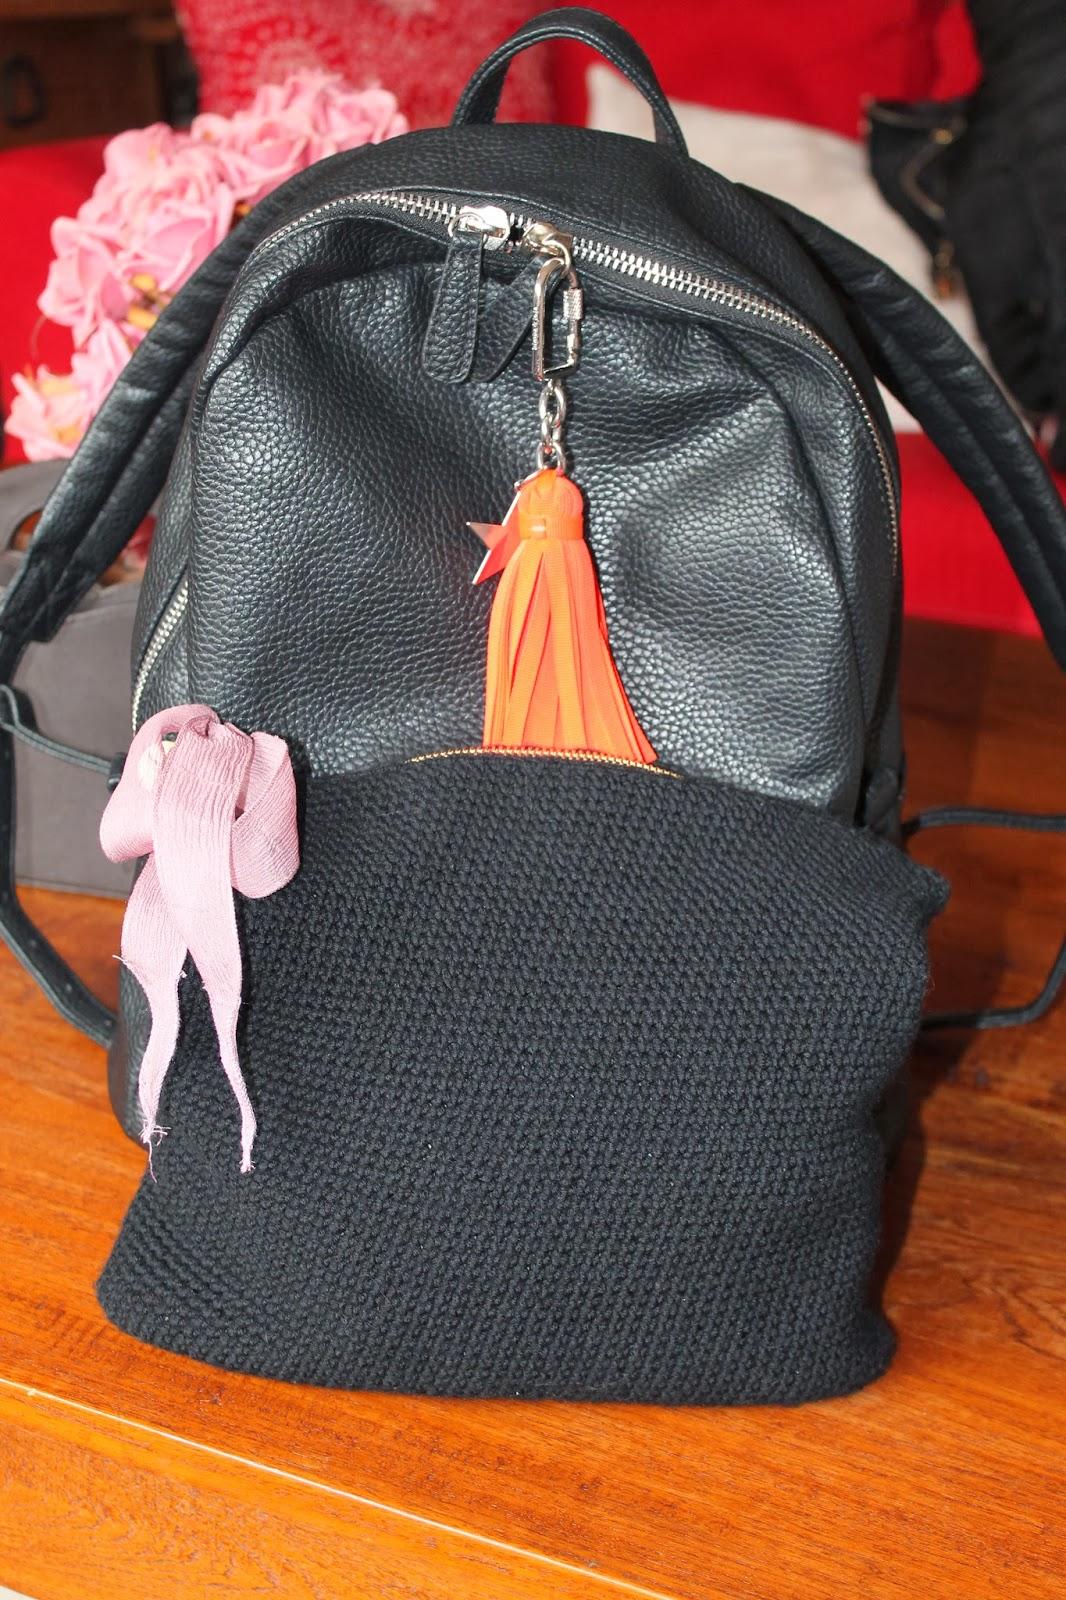 Mochila Springfield y bolso de mano negro de ganchillo